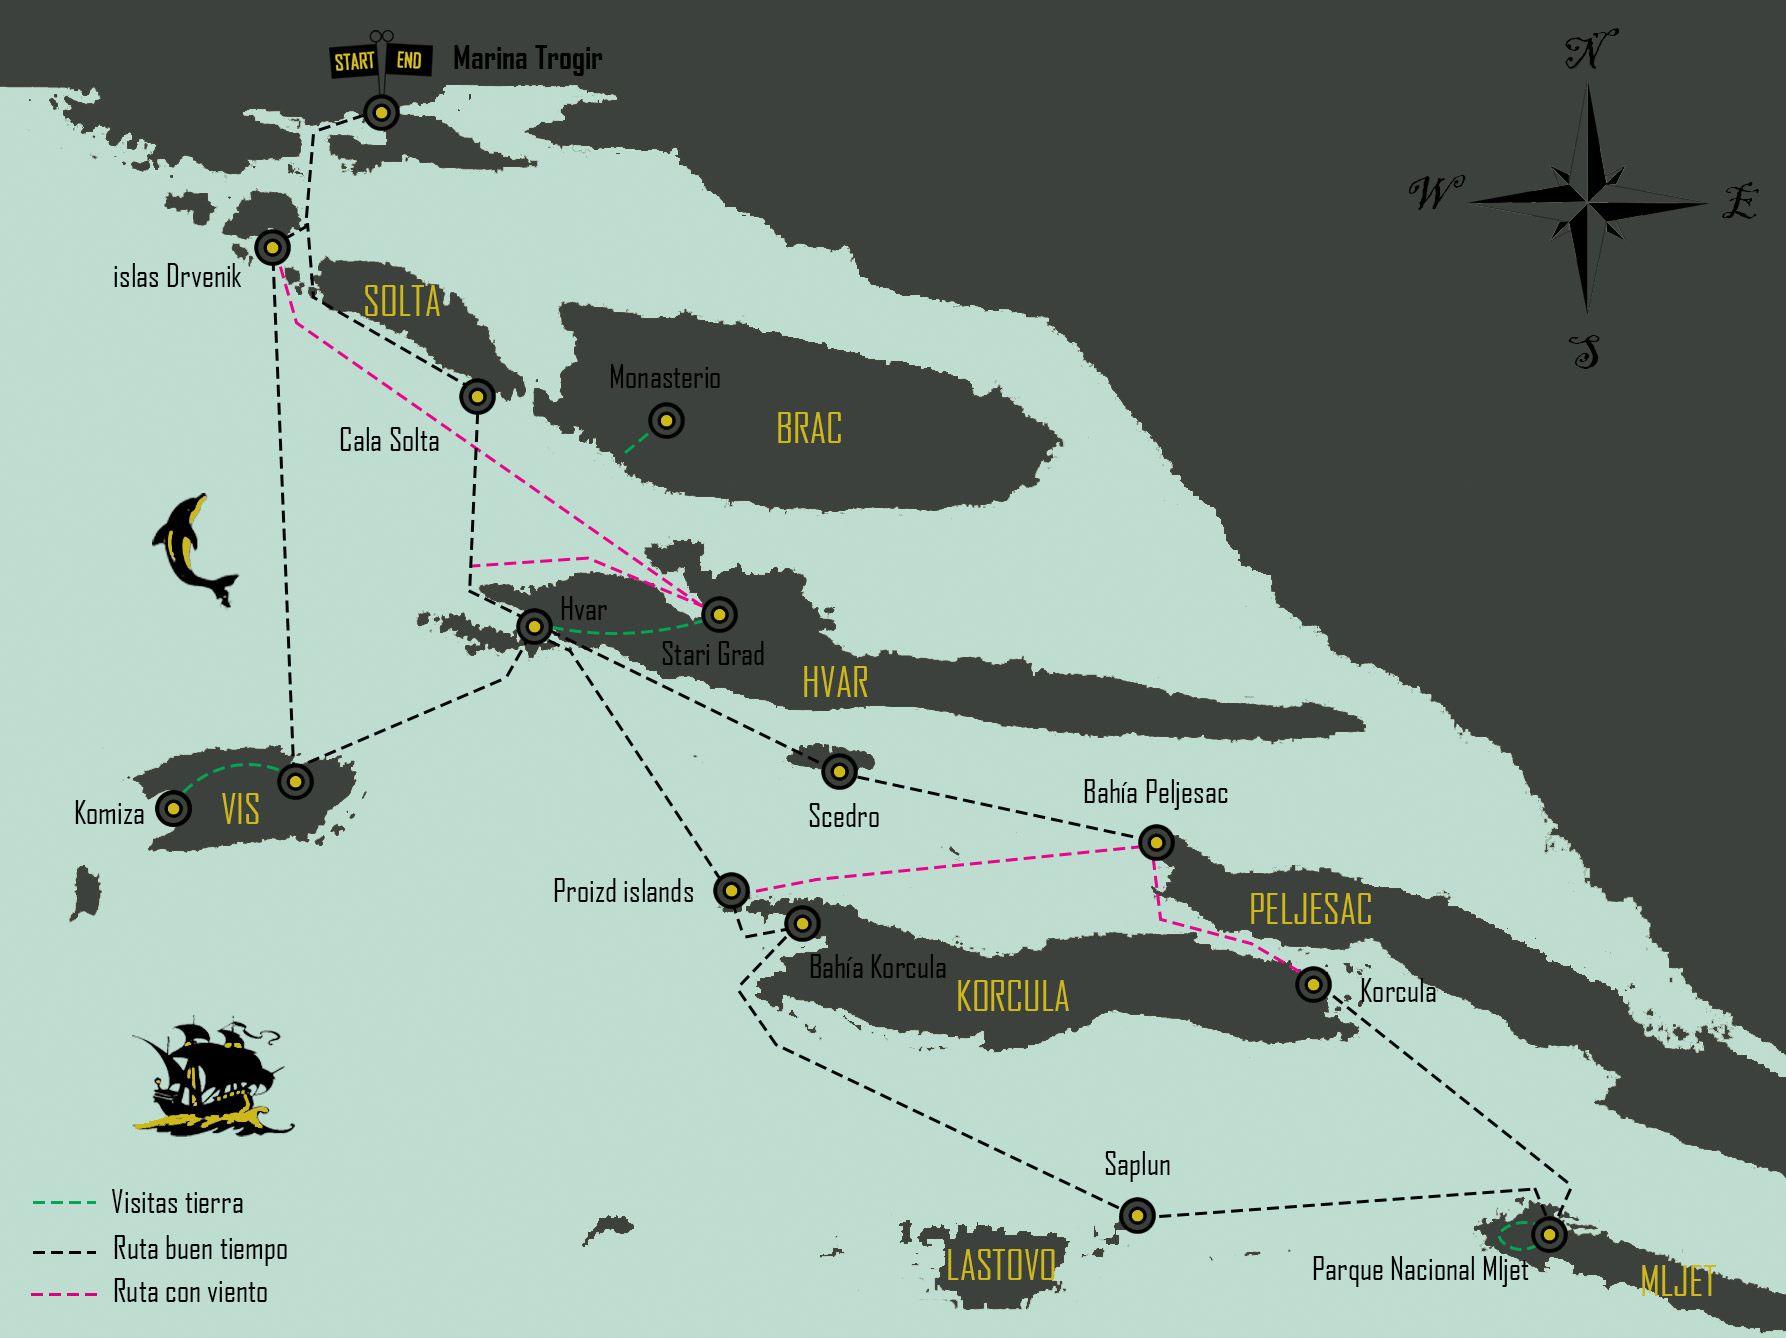 mapa-travesia-velero-croacia